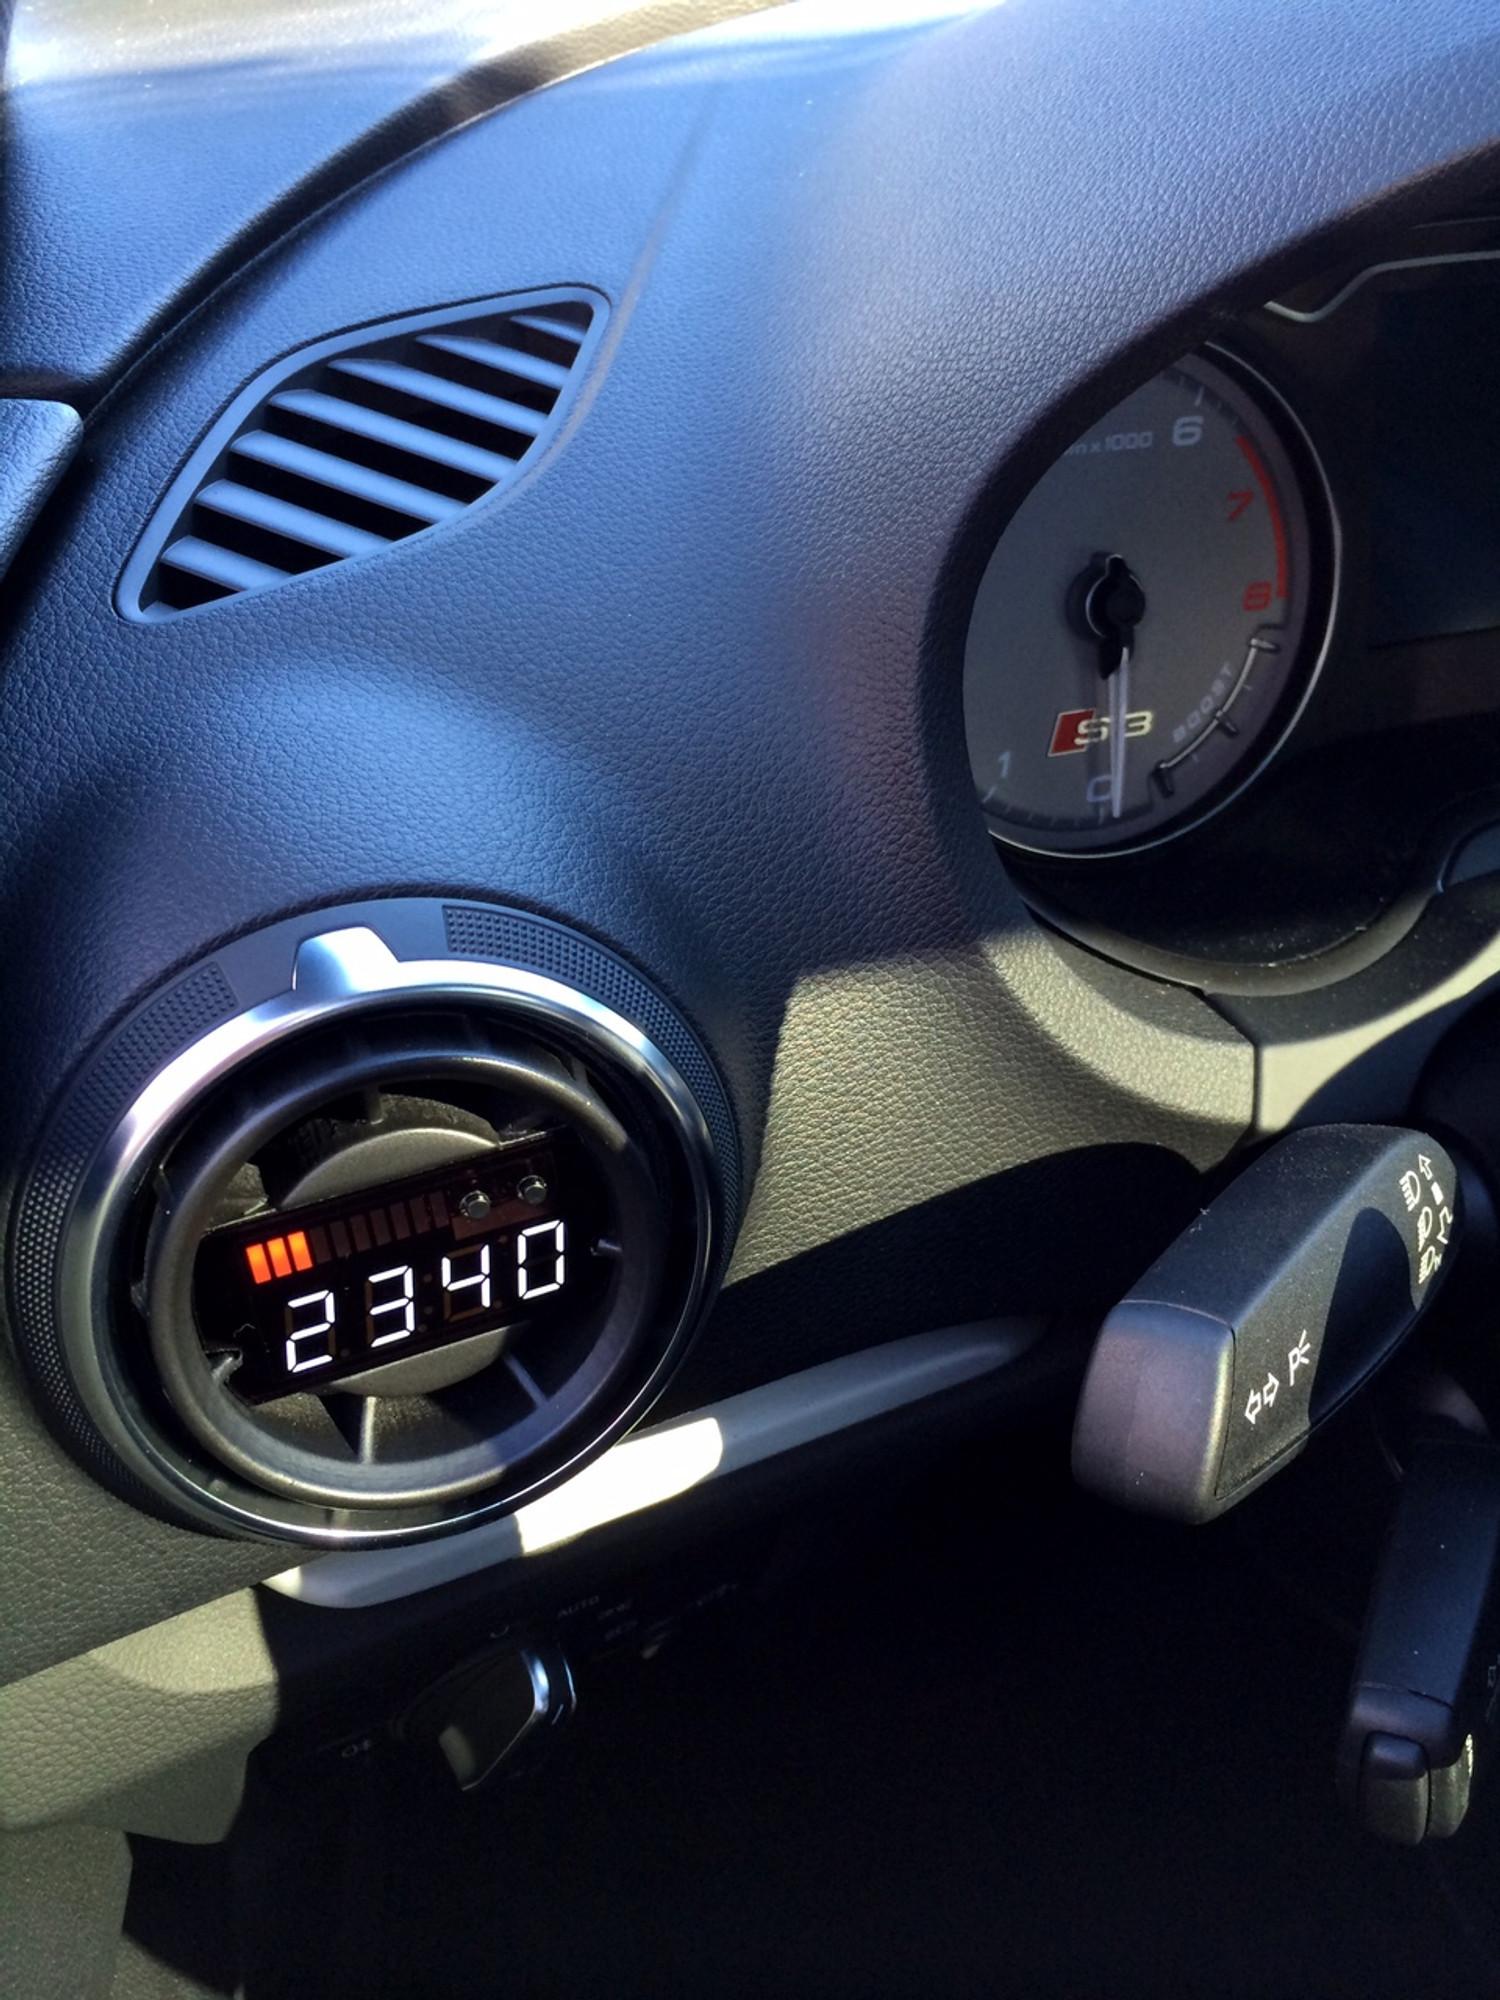 Audi 8V - P3 OBD2 Multi-Gauge